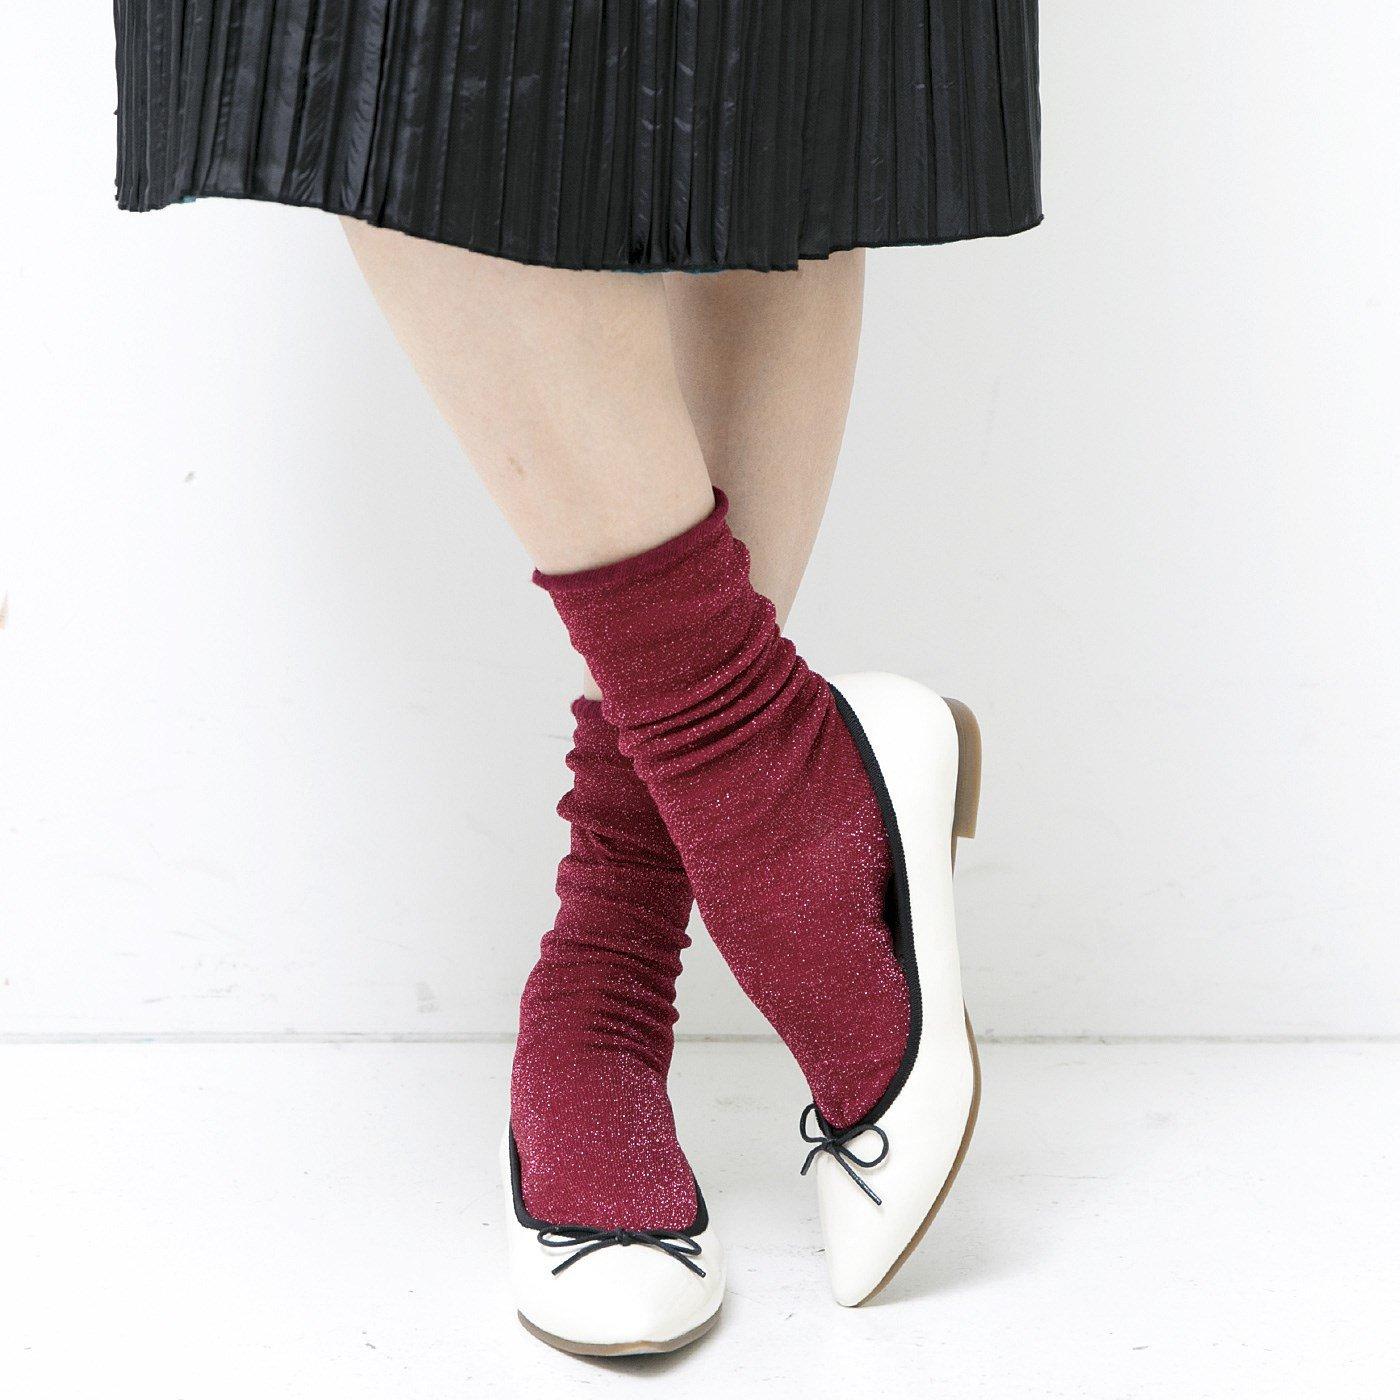 足もとキラリ印象チェンジ! 肌ざわりがやさしい裏地シルク混のラメソックス